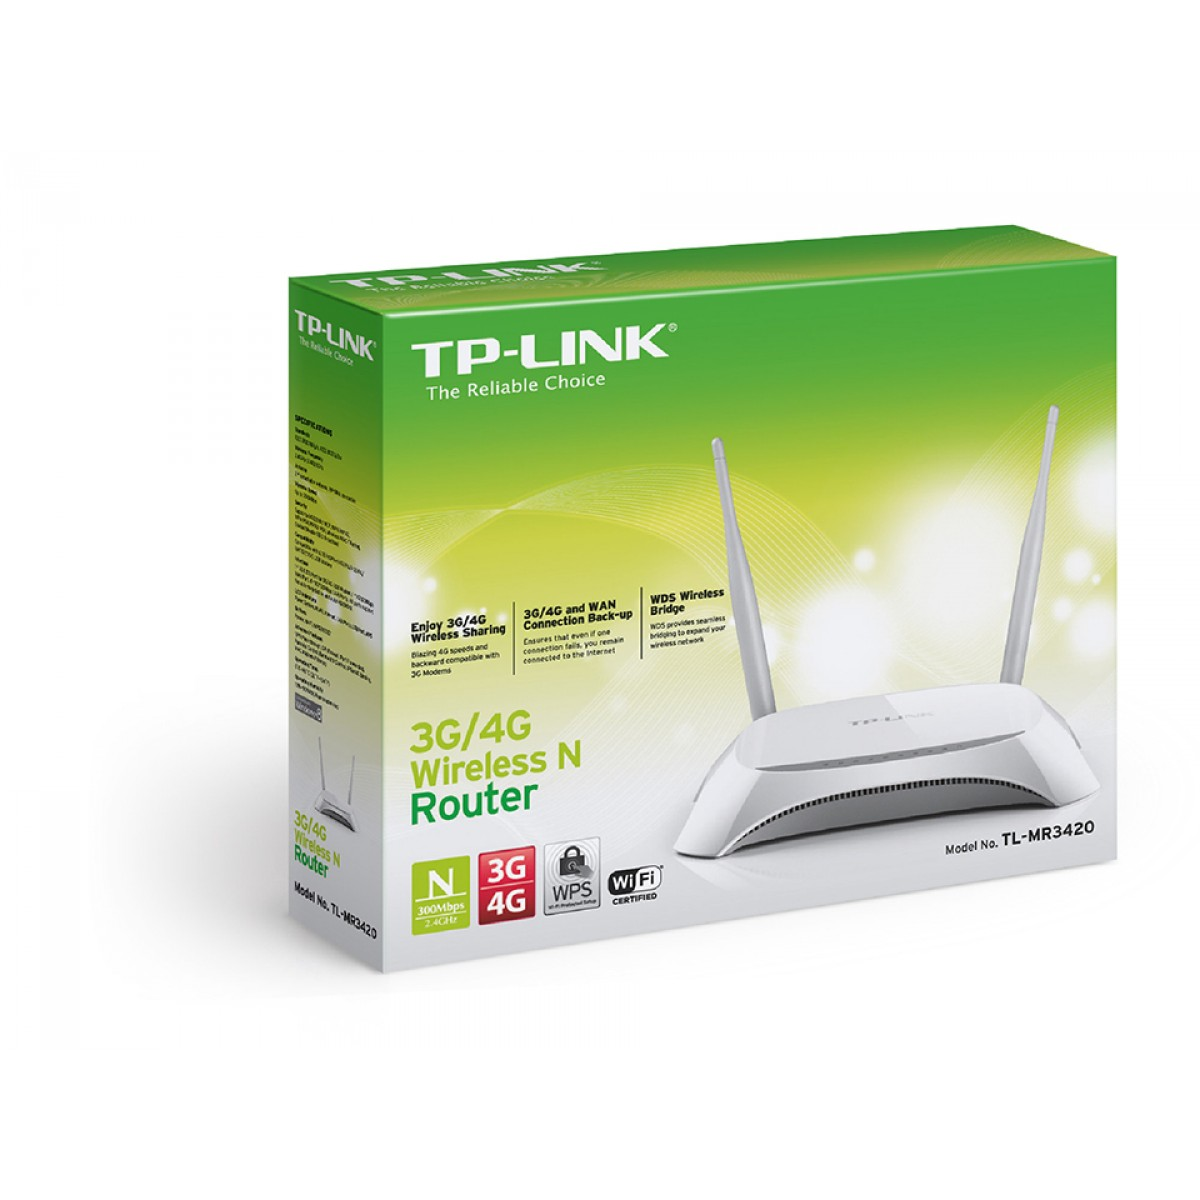 Roteador Wireless N TP-LINK, 300Mbps, 3G/4G, Porta USB, TL-MR3420